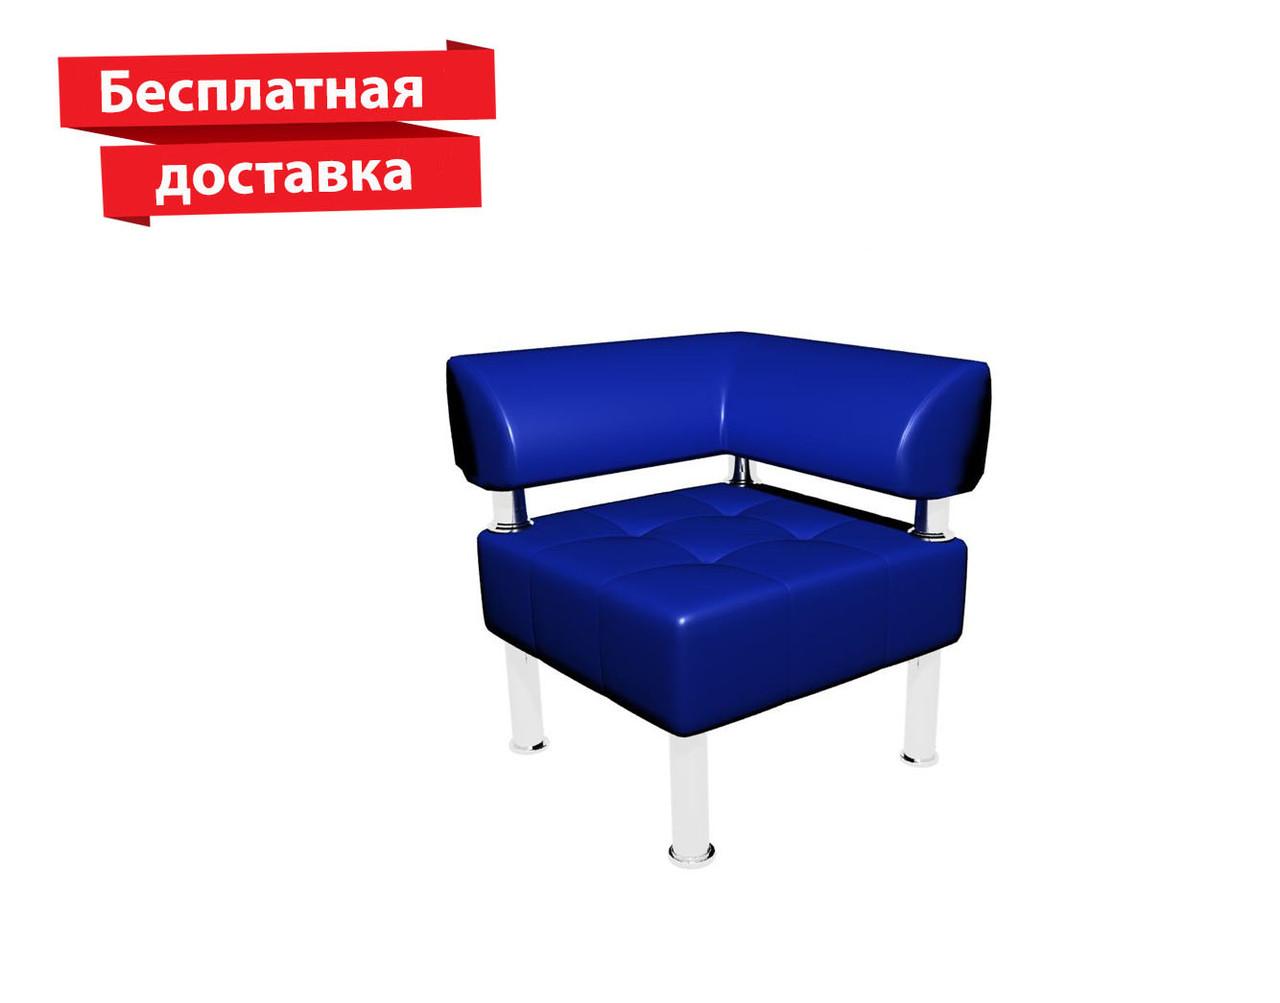 Кресло - угол из кожзама для офиса Тонус синий, фото 1